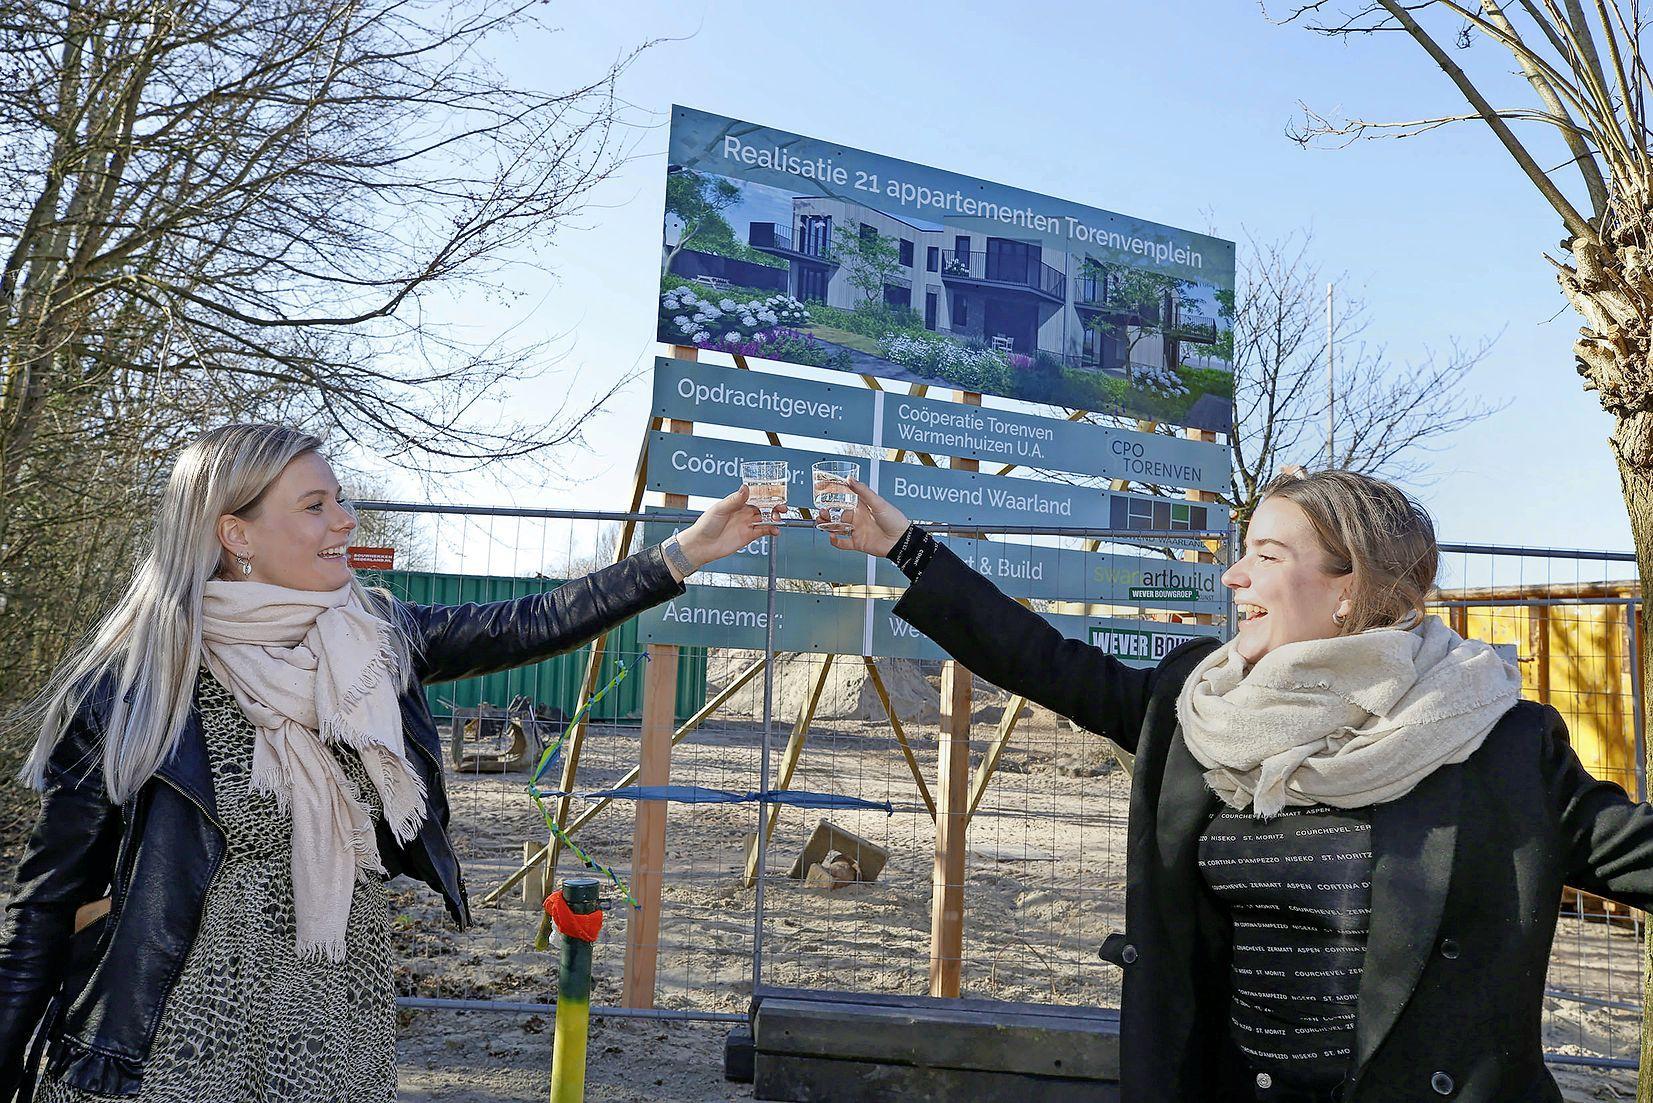 Een nieuw bouwproject in Warmenhuizen met een eigen feestcommissie. Dat klinkt leuk, maar hoe regel je een feestje in coronatijd? De eerste test is maandag: dan wordt de eerste paal geslagen